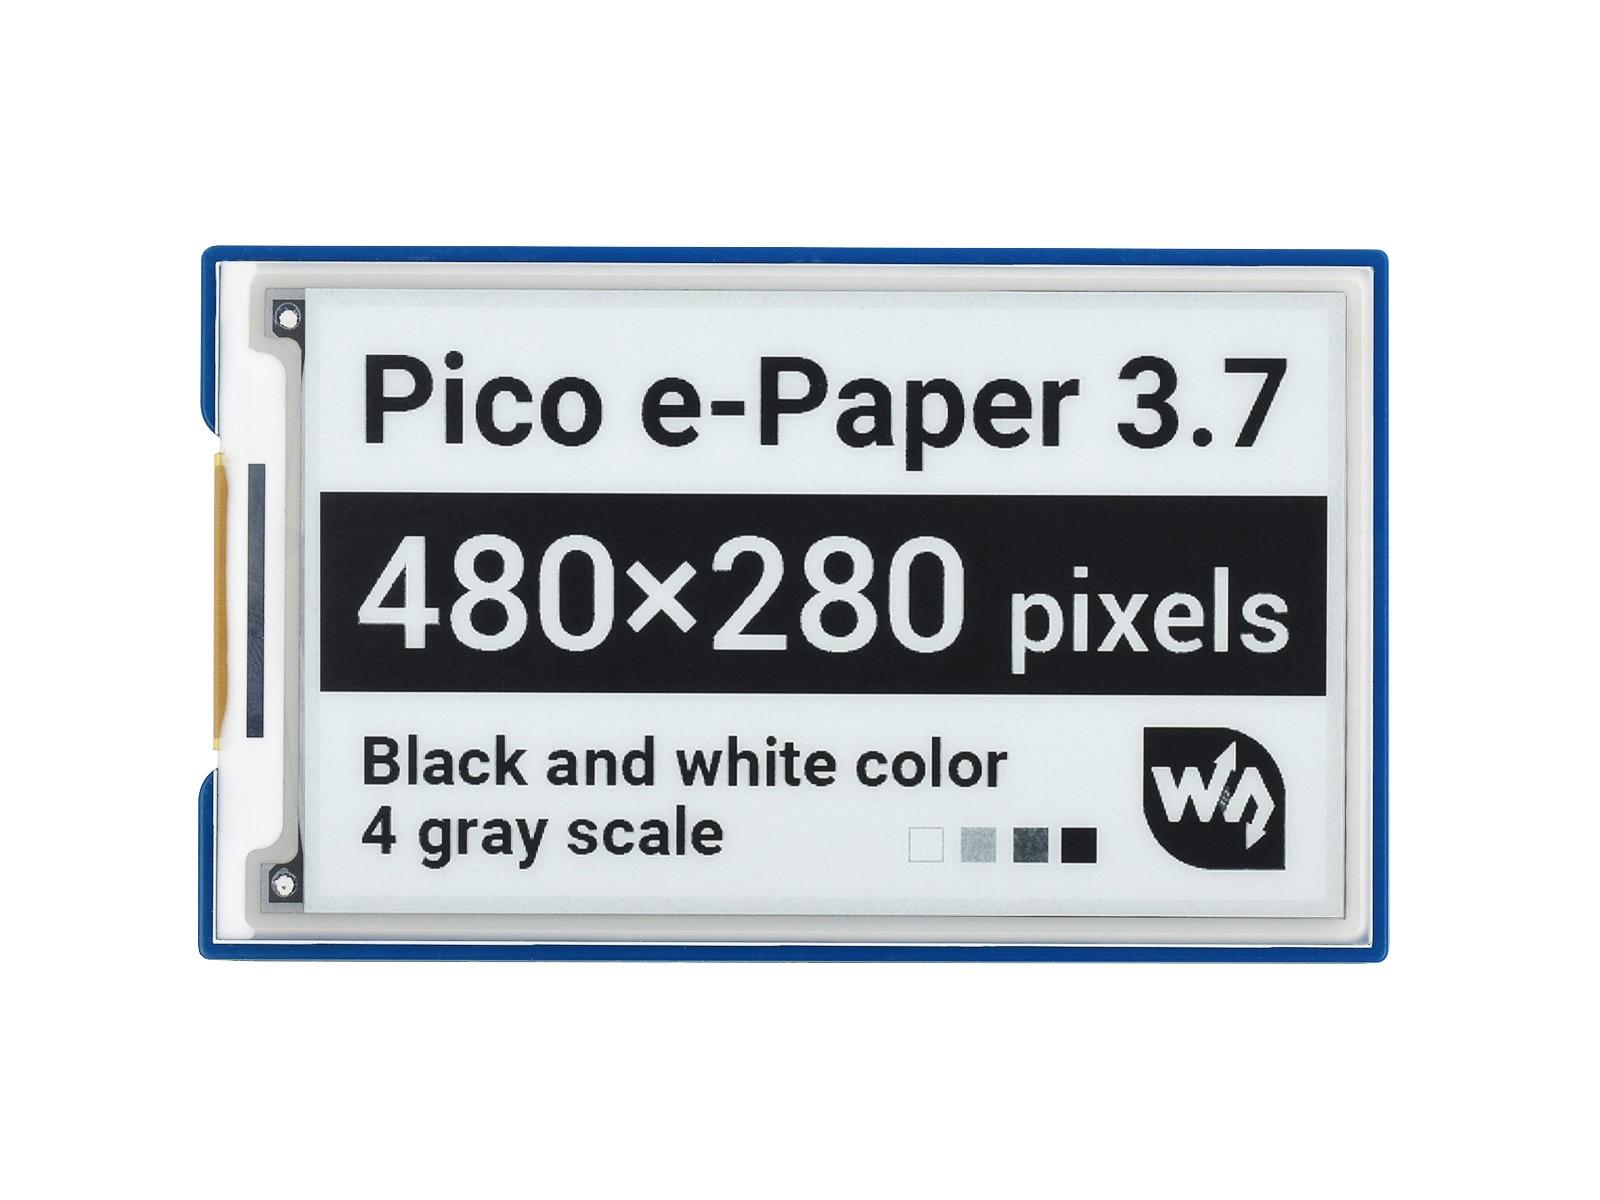 Waveshare 3.7 بوصة وحدة عرض الحبر الإلكتروني للورق الإلكتروني لراسبيري بي بيكو ، 480 × 280 بكسل ، أسود/أبيض ، واجهة SPI